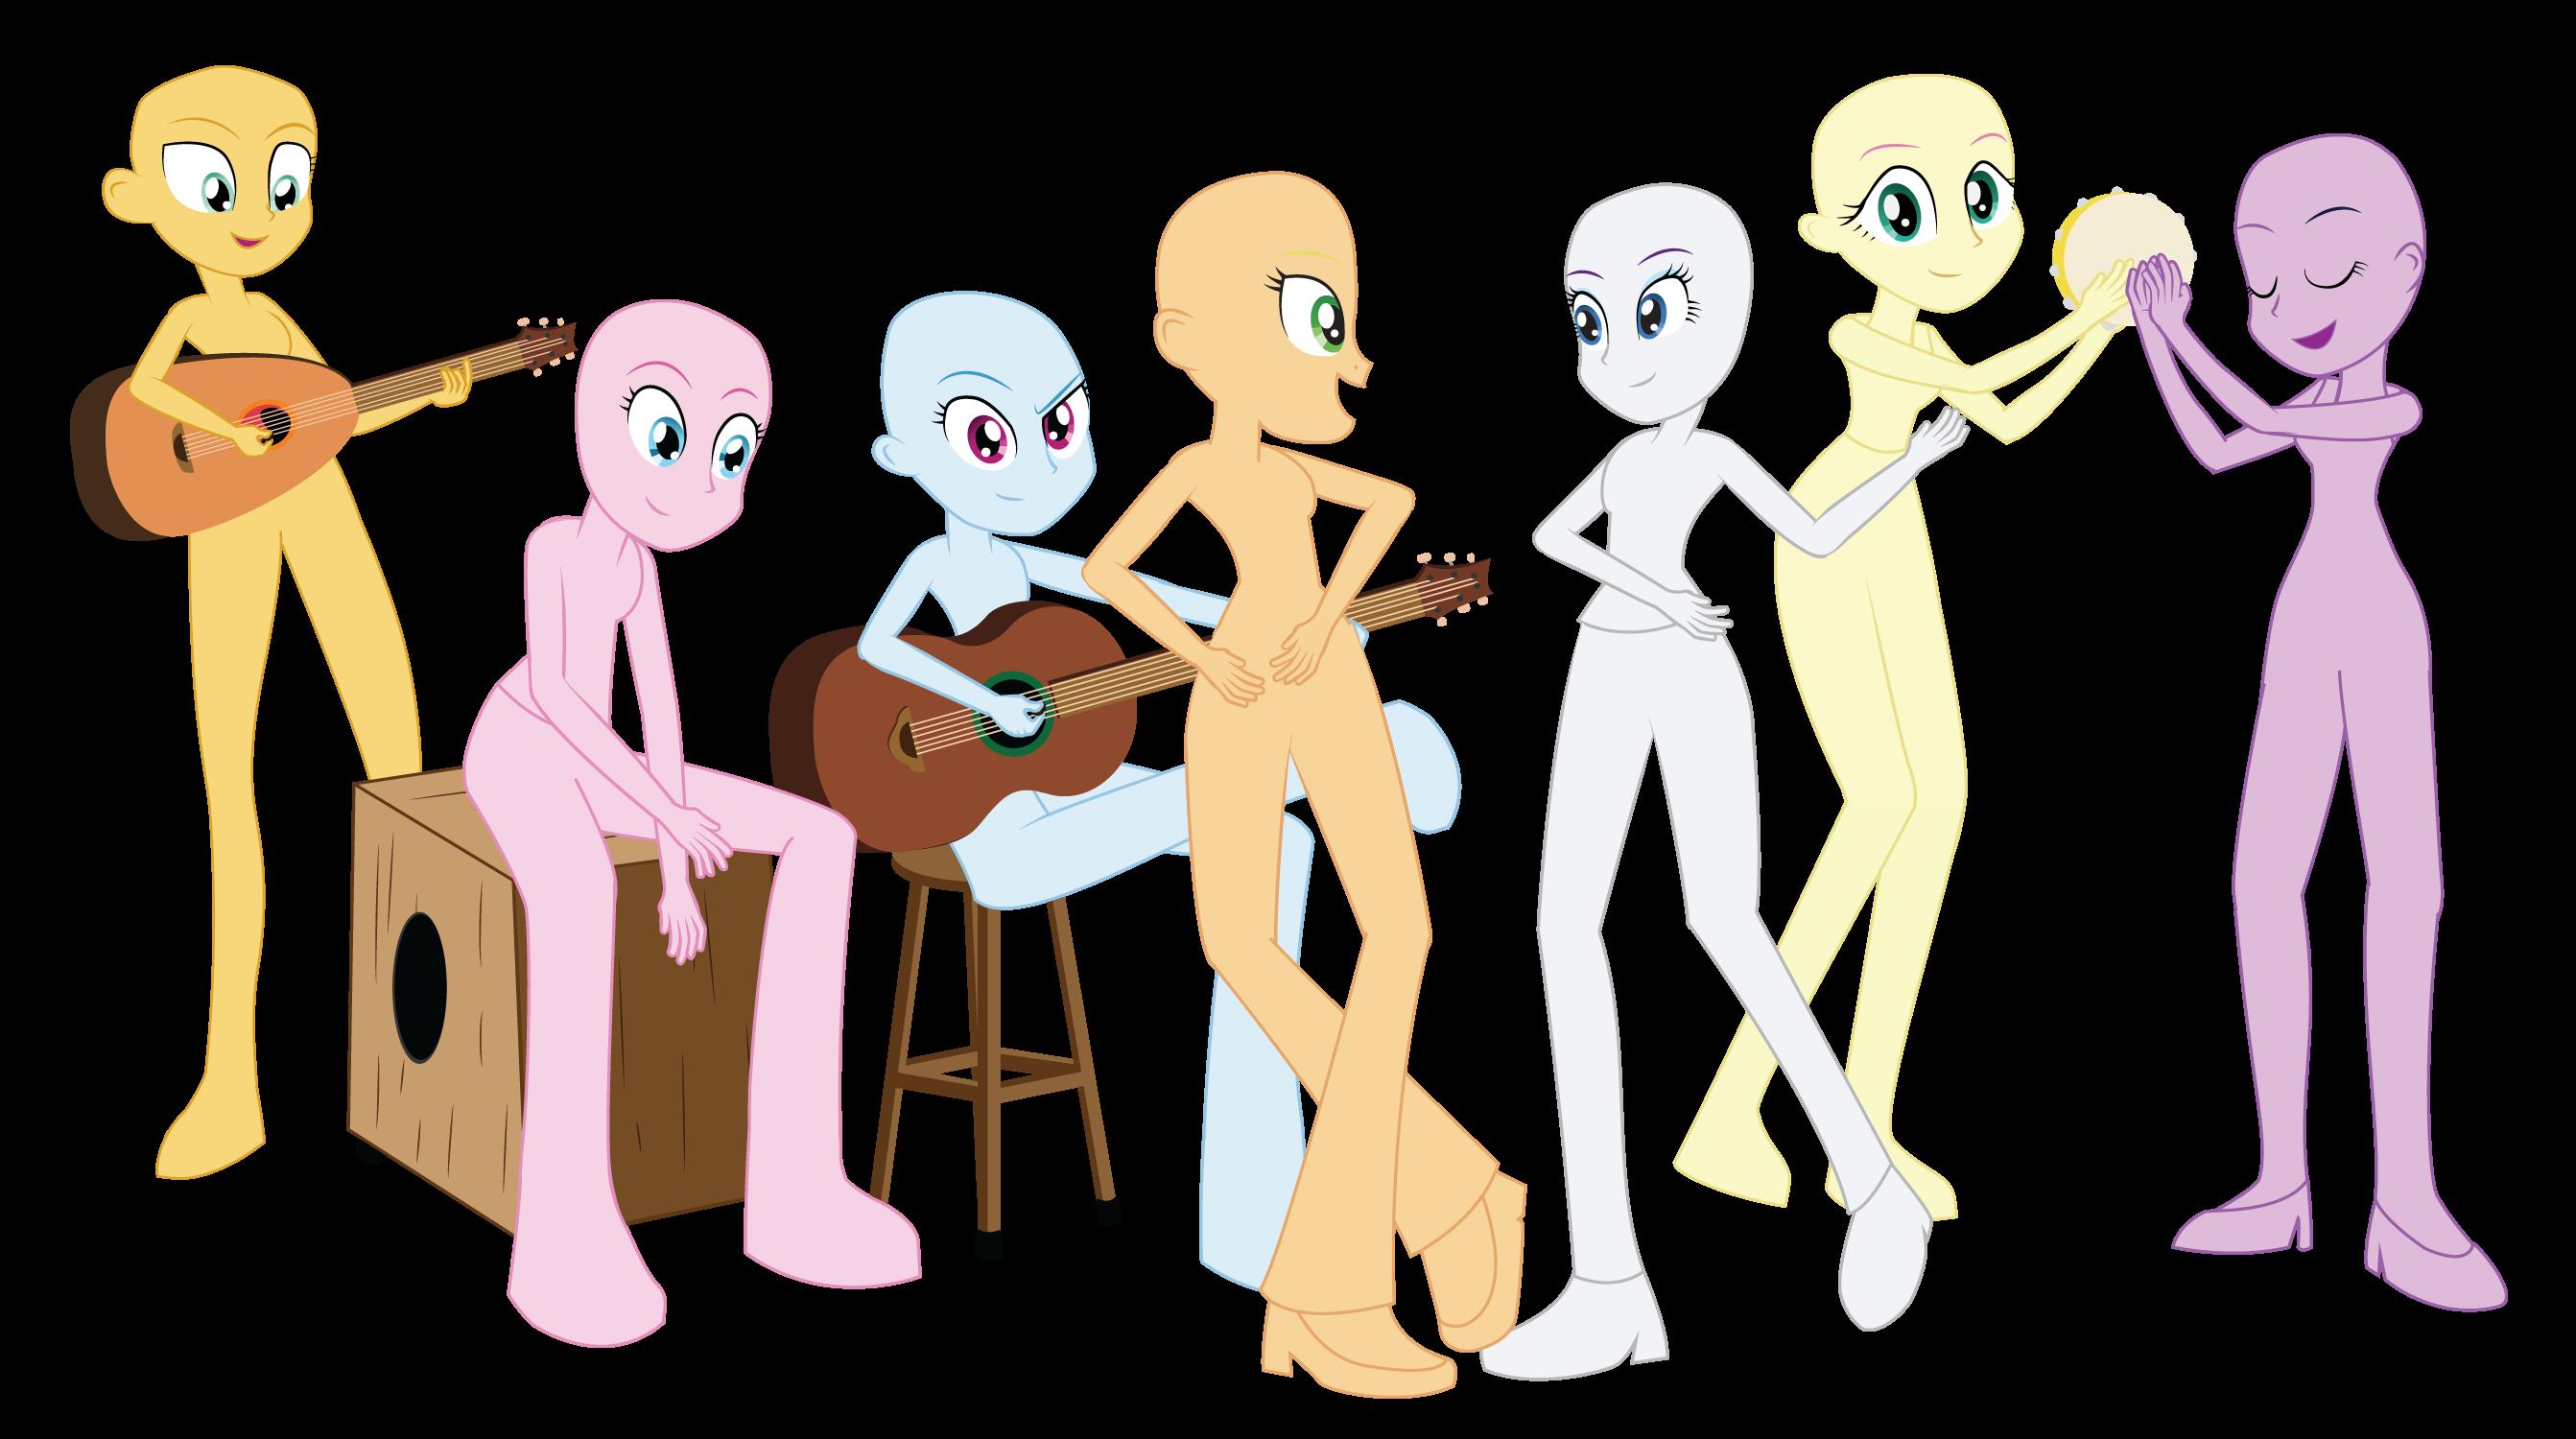 Фото пони манекены девушки эквестрии девочка и мальчик